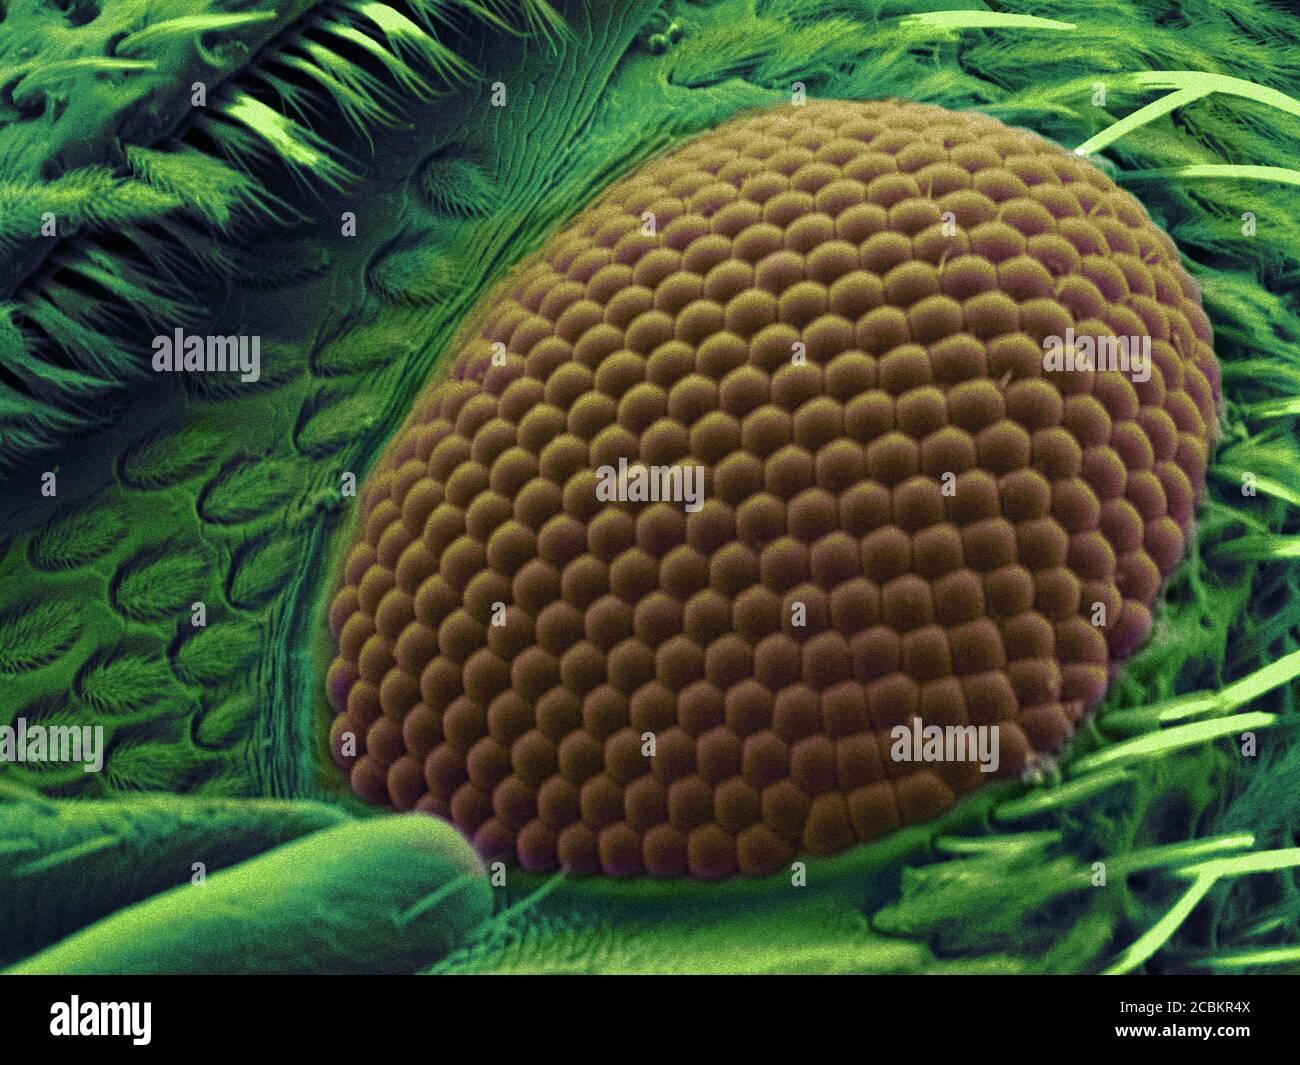 SEM-Bild von Schnauzenkäfer Auge Stockfoto